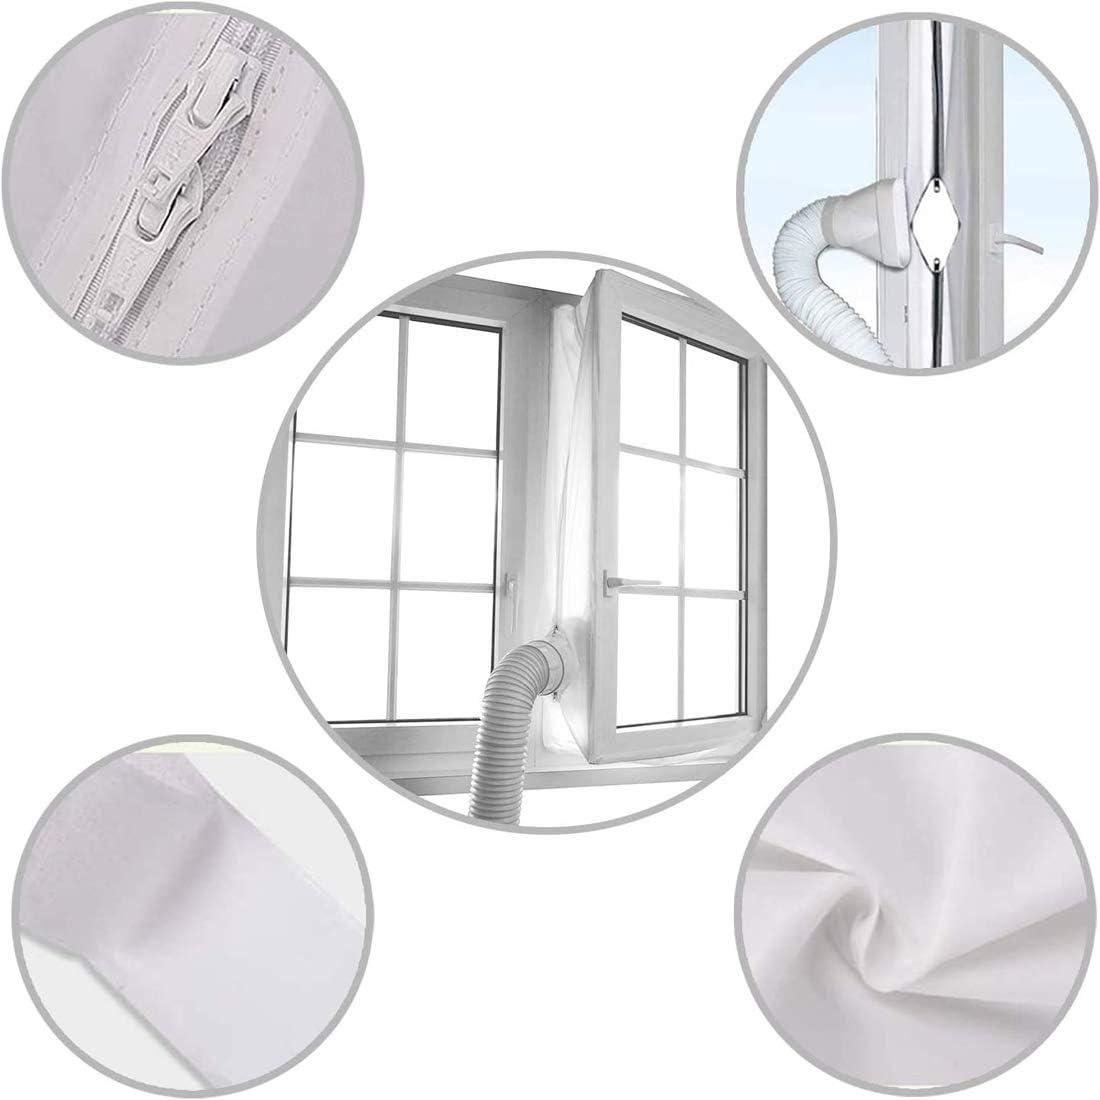 Calfeutrage De Fen/êtres pour Climatiseur Portatif 400cm Joint de Fen/être pour La Climatisation Mobile Tissu De Calfeutrage De Fen/êtres